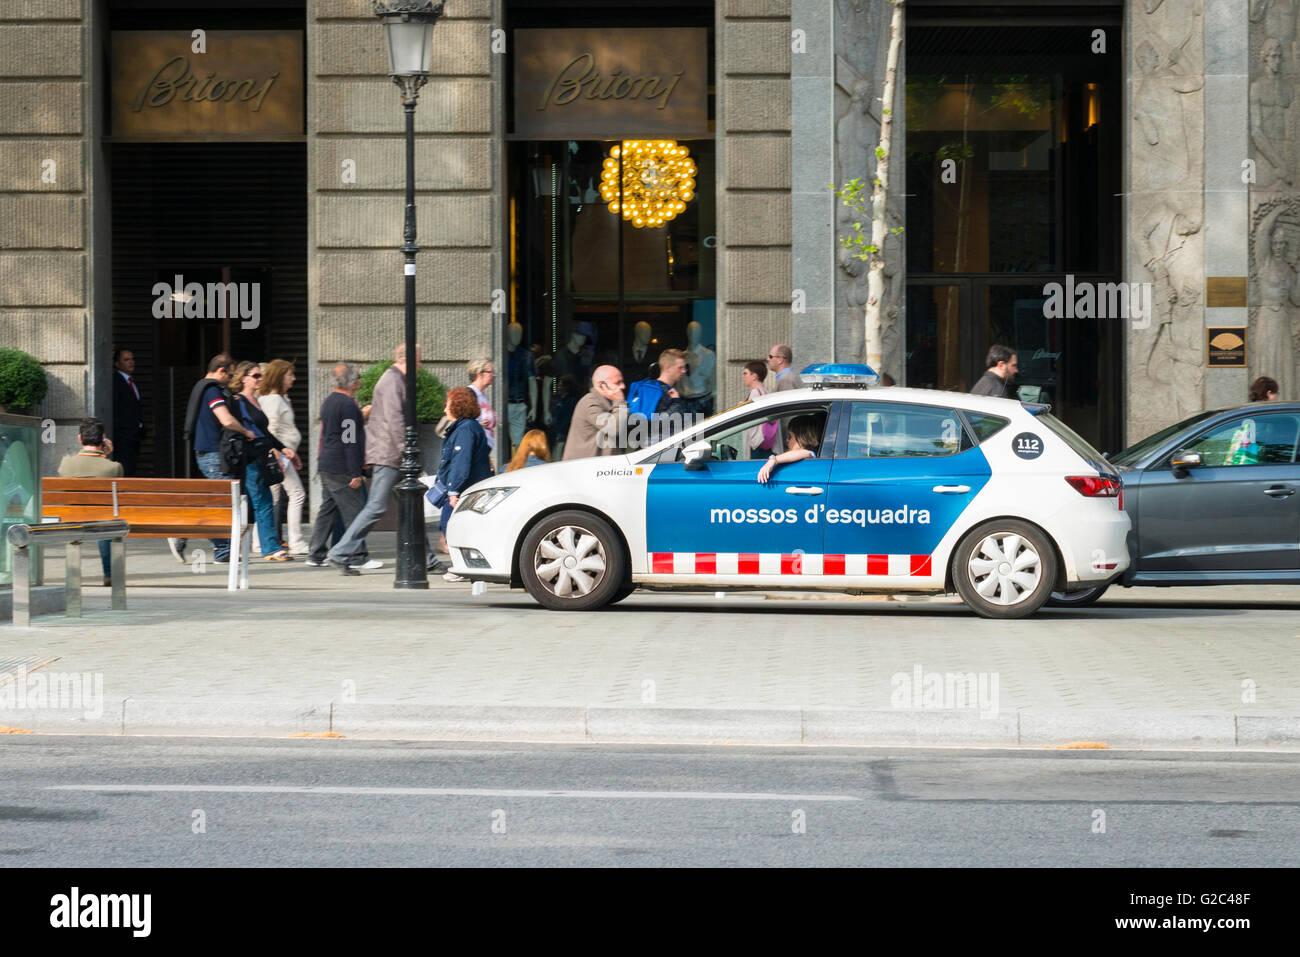 Barcelona Spain Catalonia Eixample Passeig de Gracia police cop car policia mossos d'esquadra 112 emergencies - Stock Image